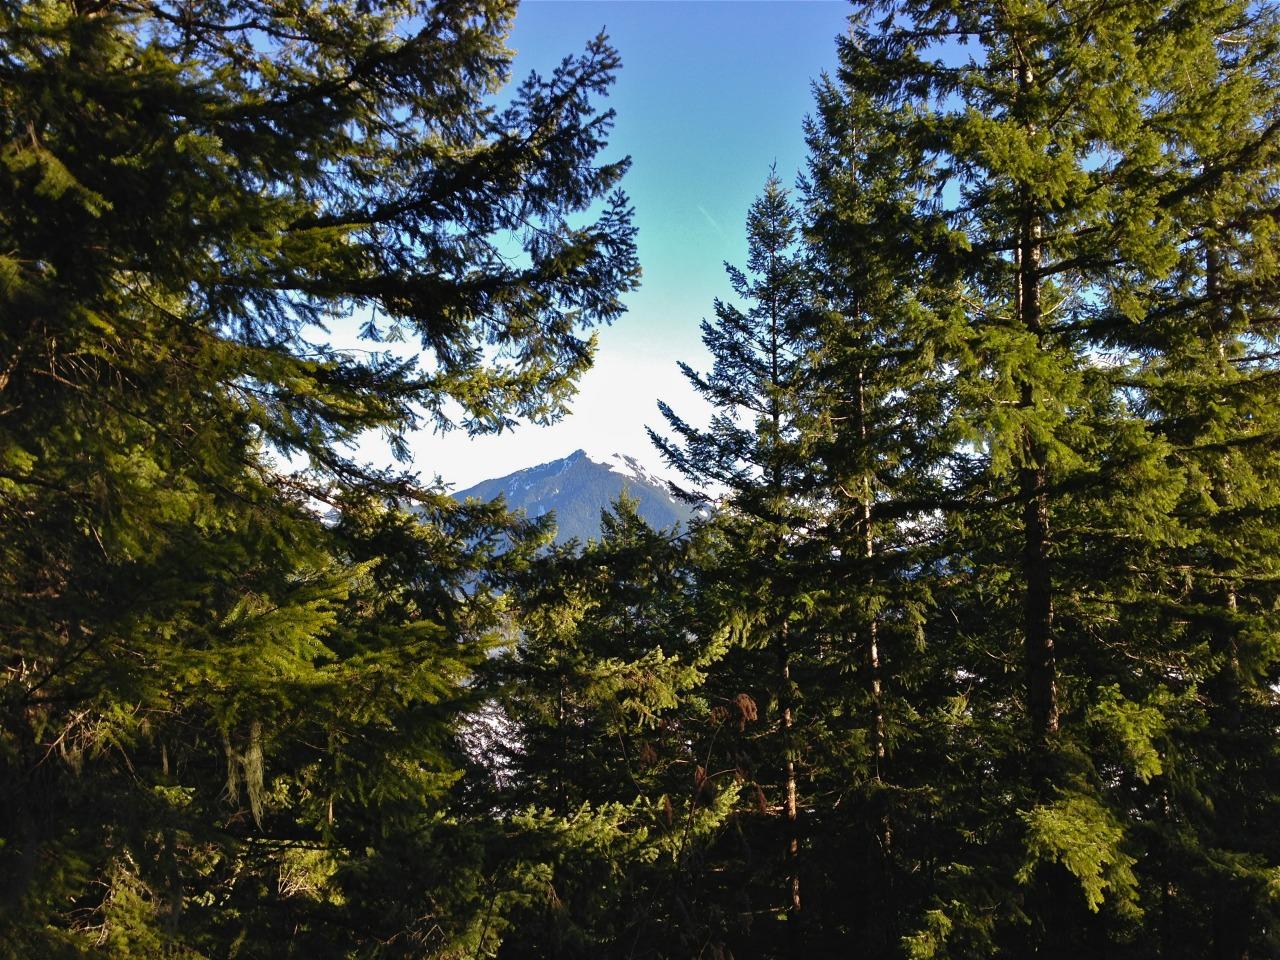 mountains peeking through the trees